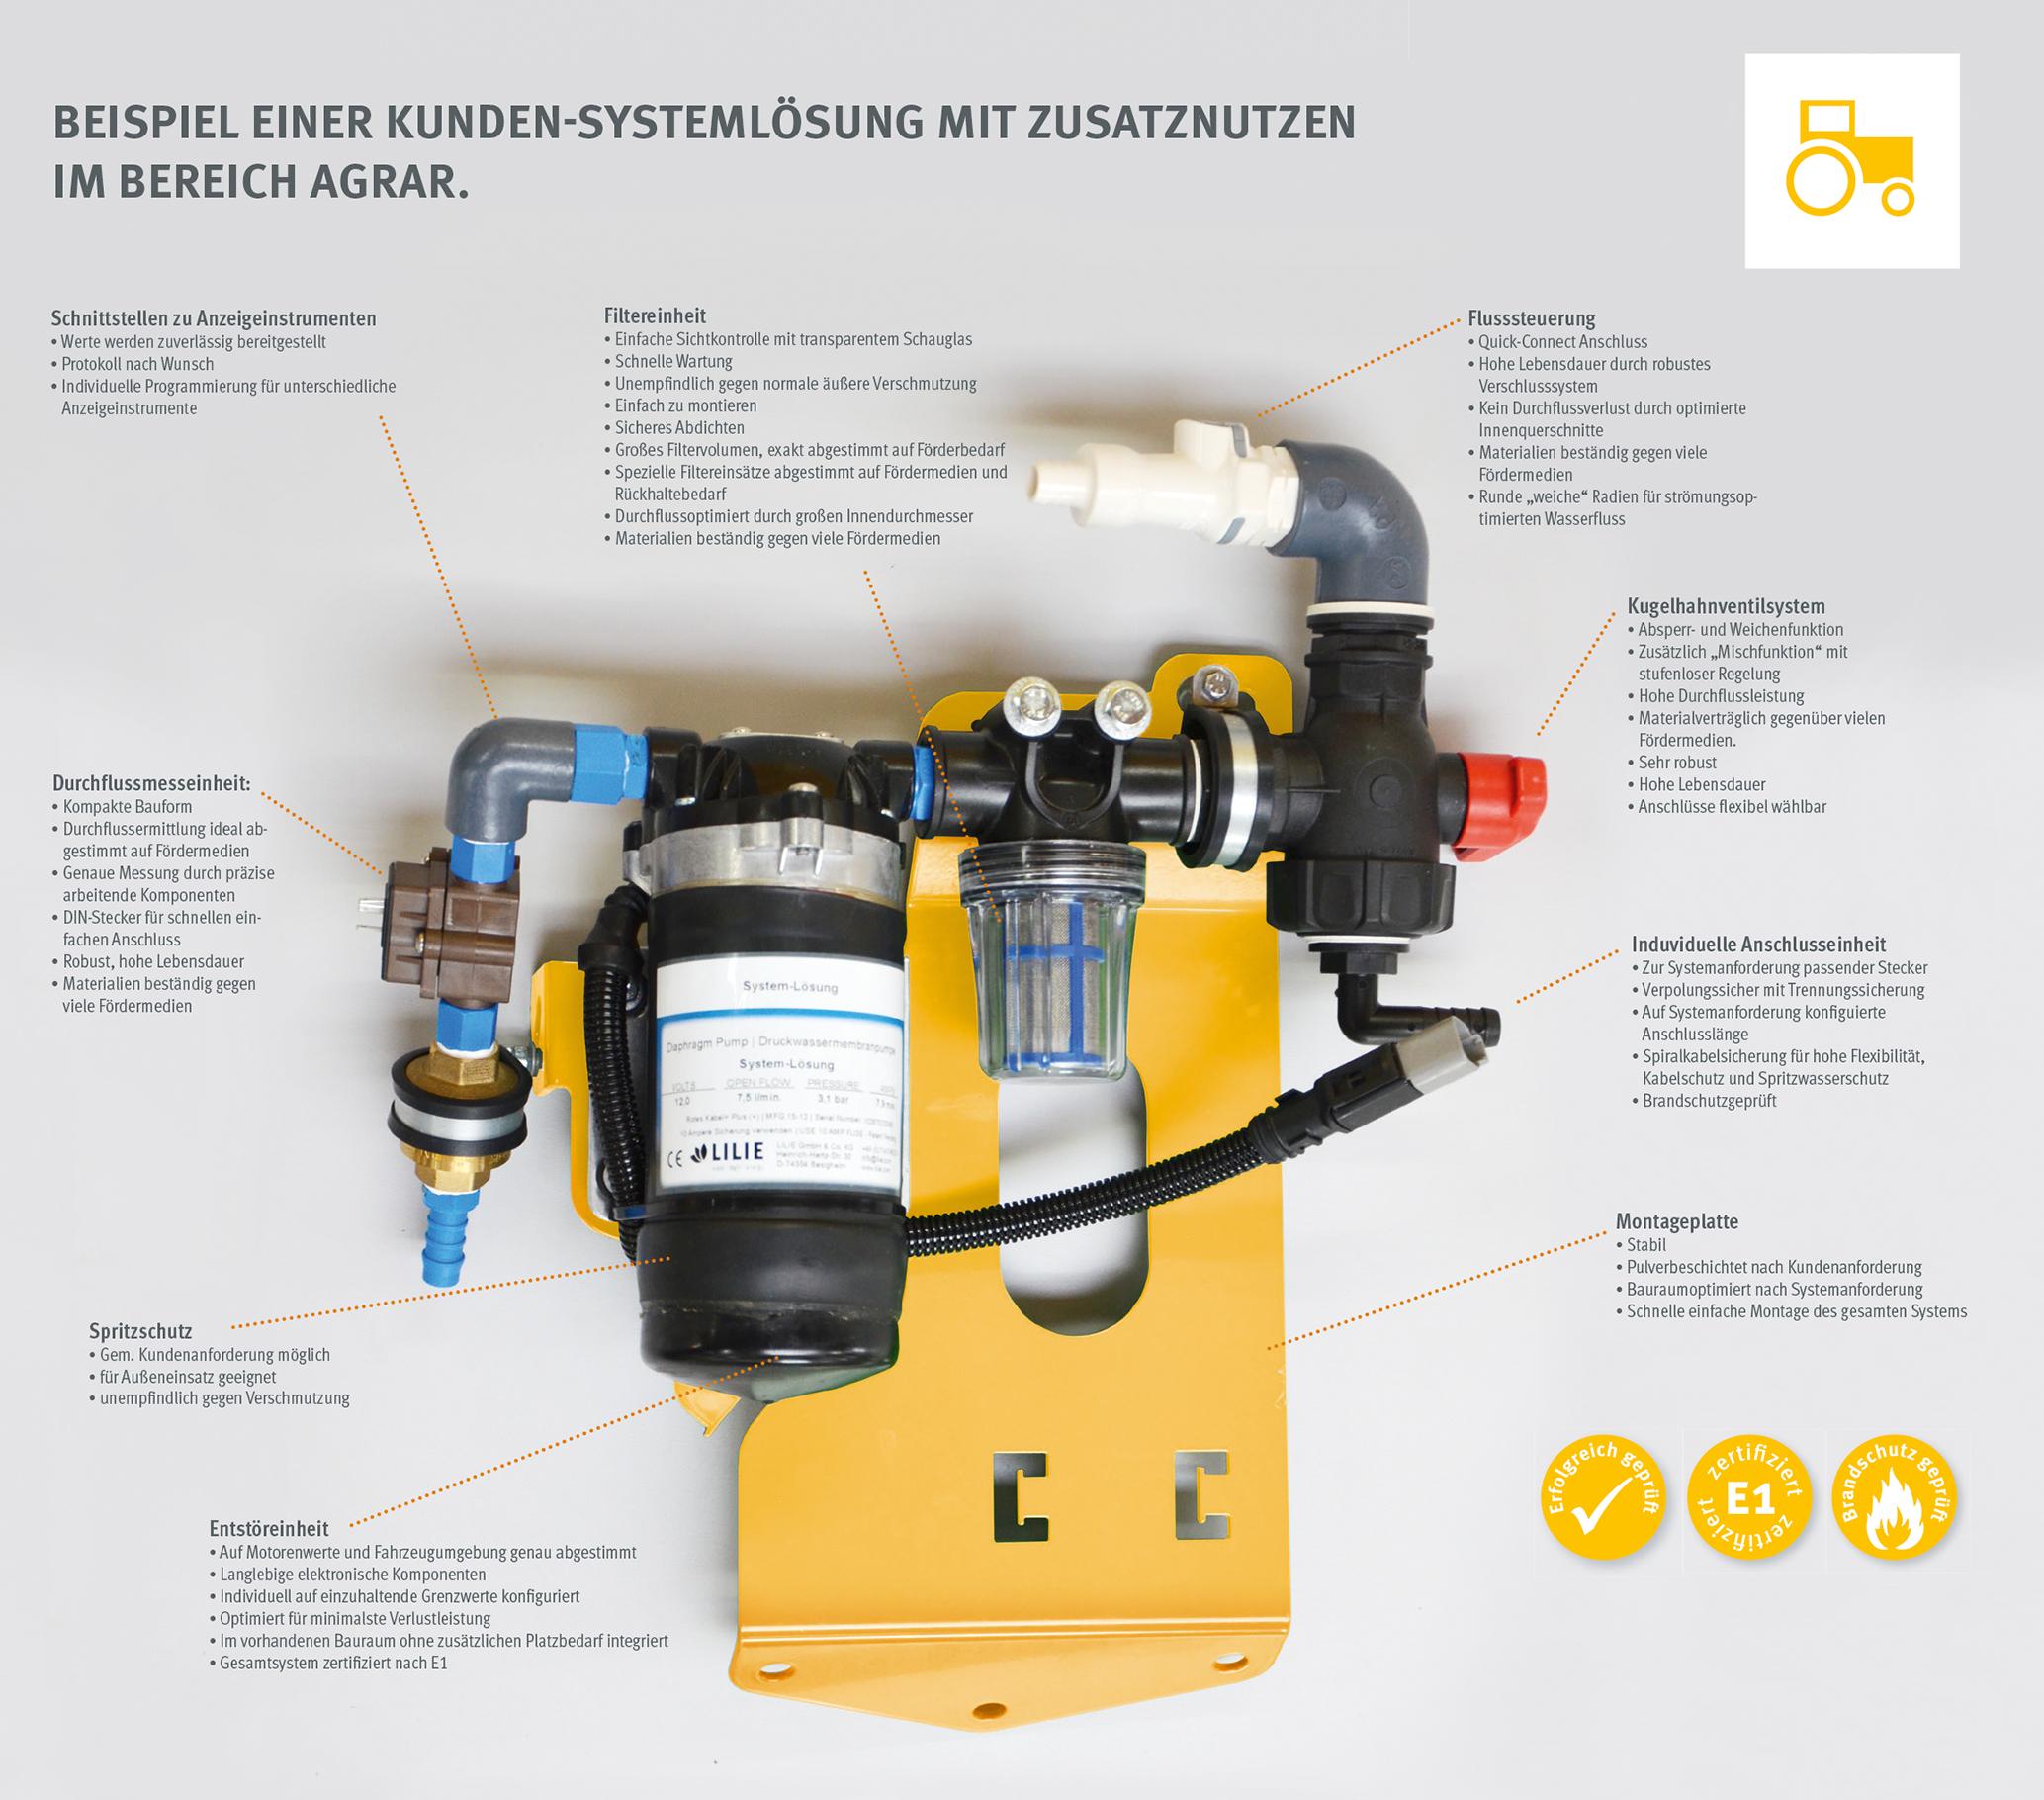 Individuelle Lösungen - Lilie GmbH & Co. KG